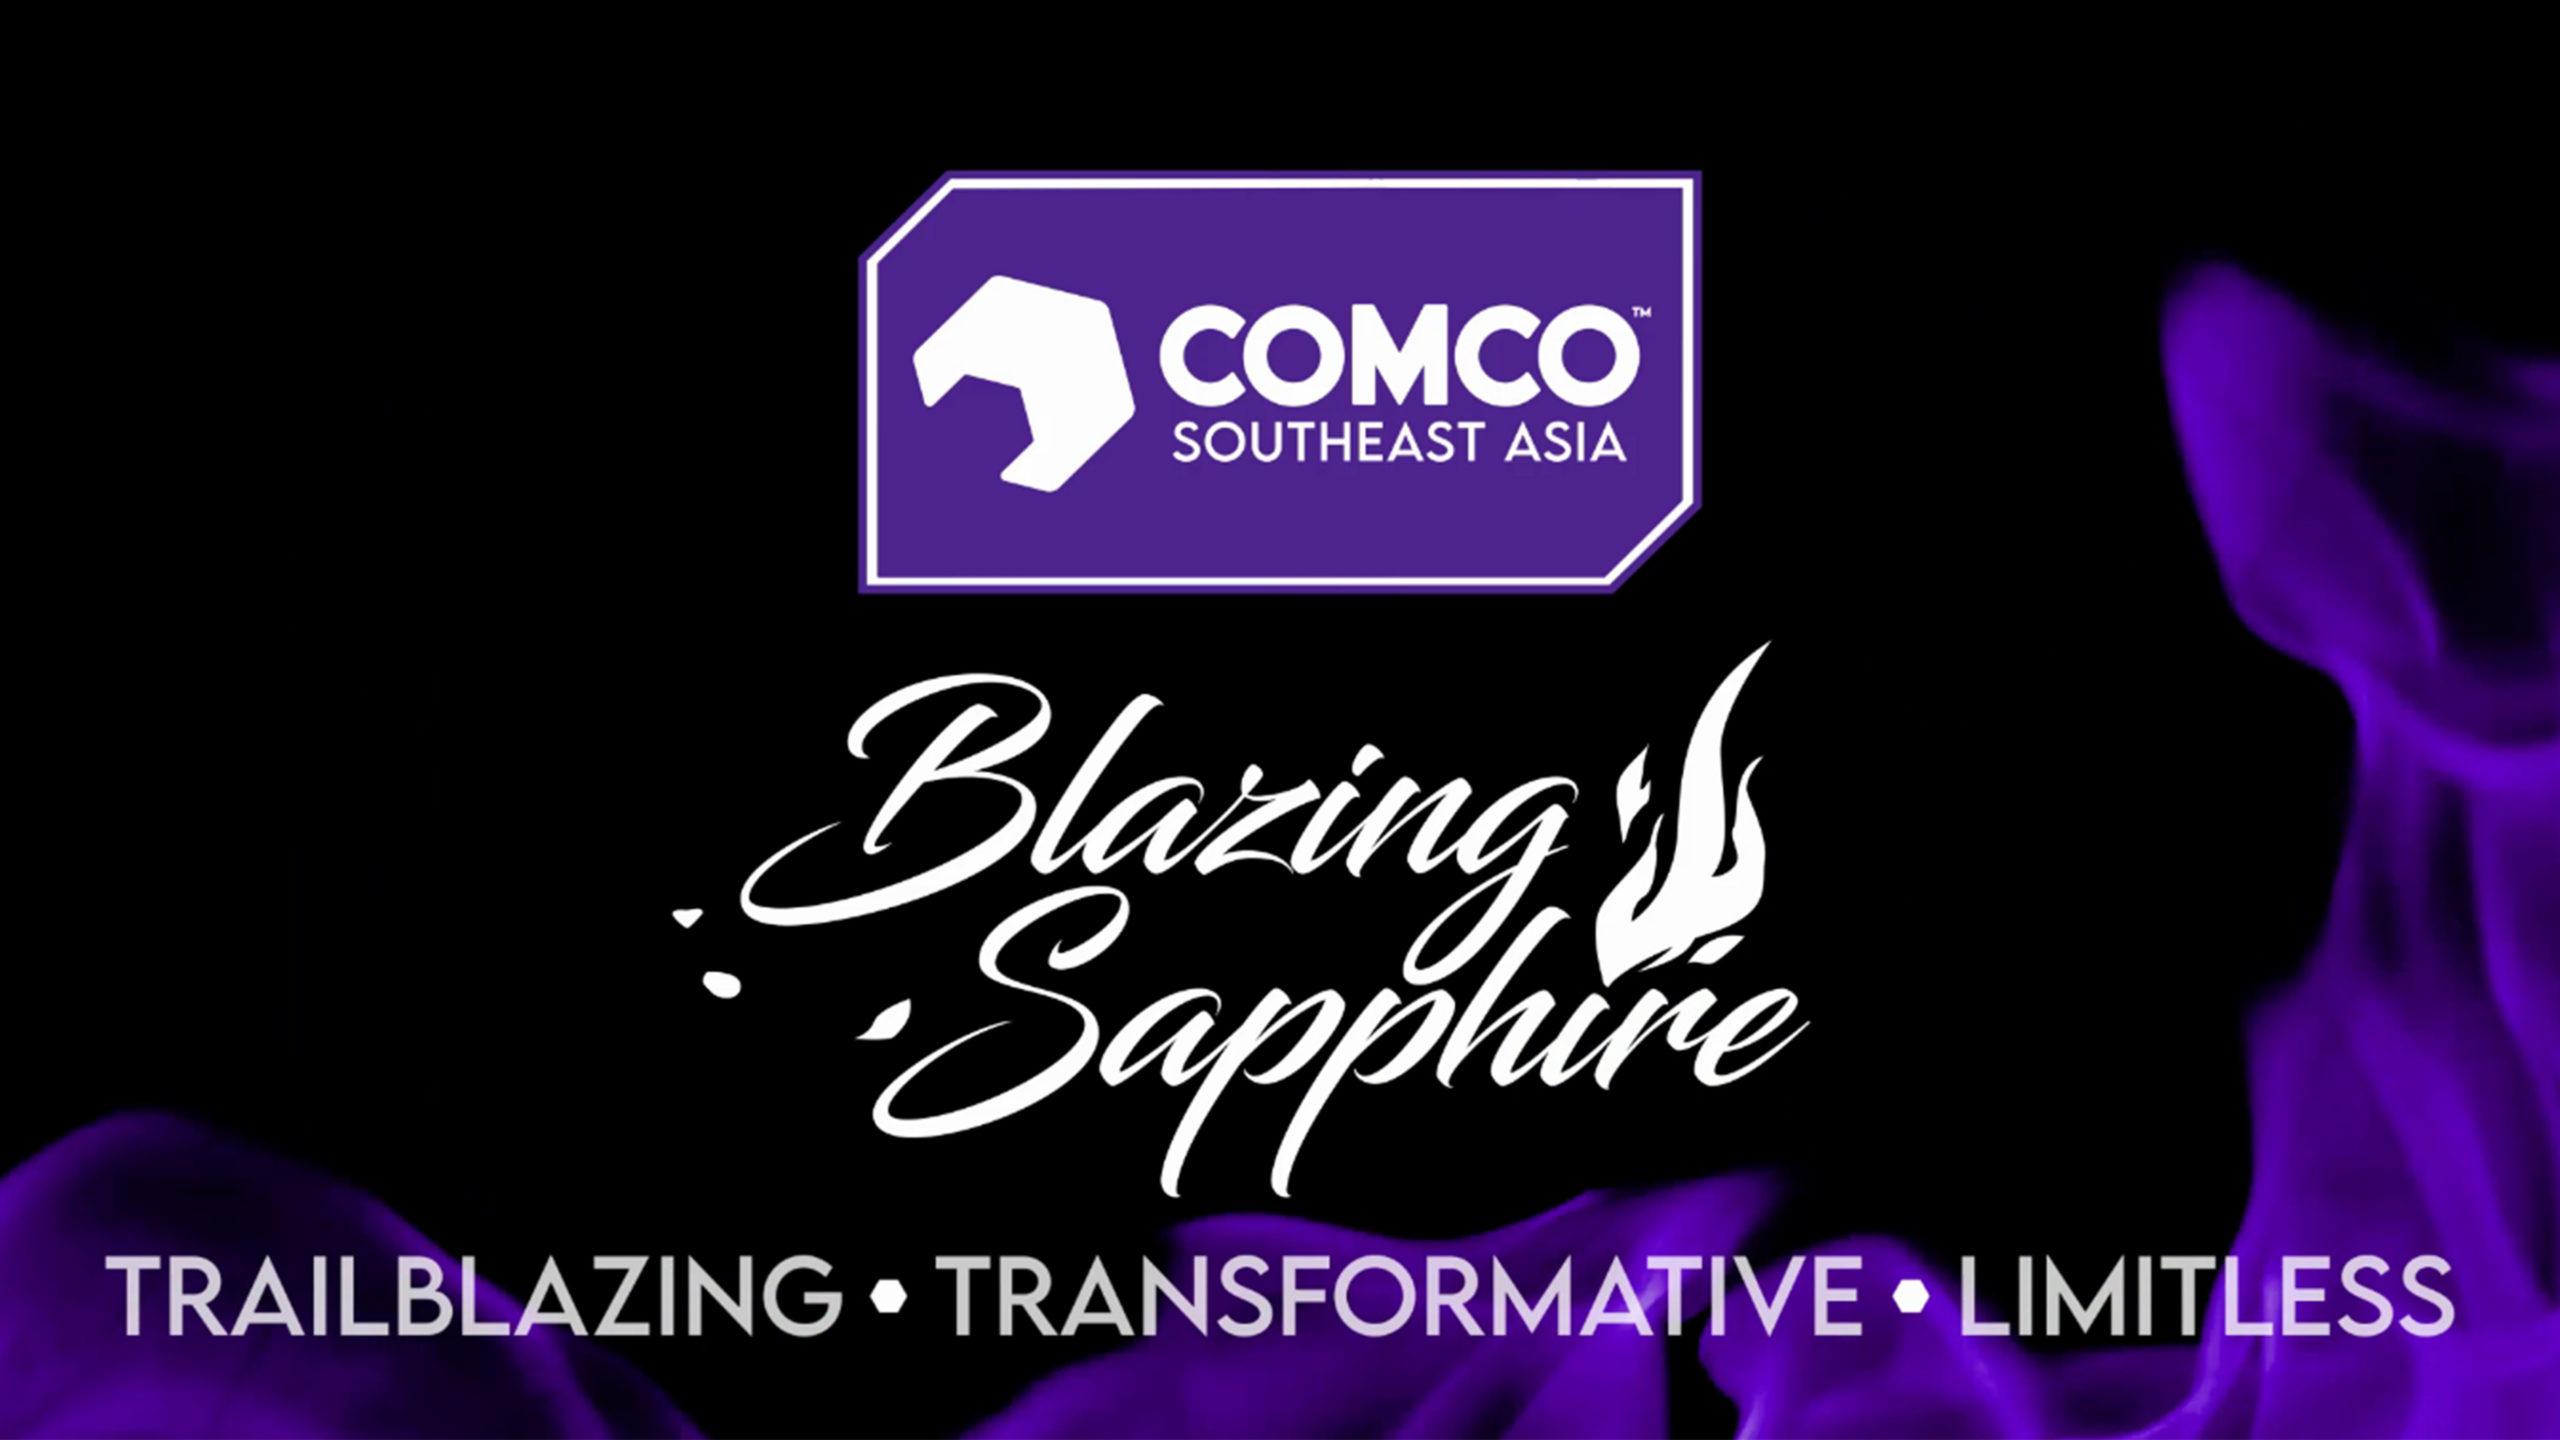 ComCo Southeast Asia - New Pr Smart Social